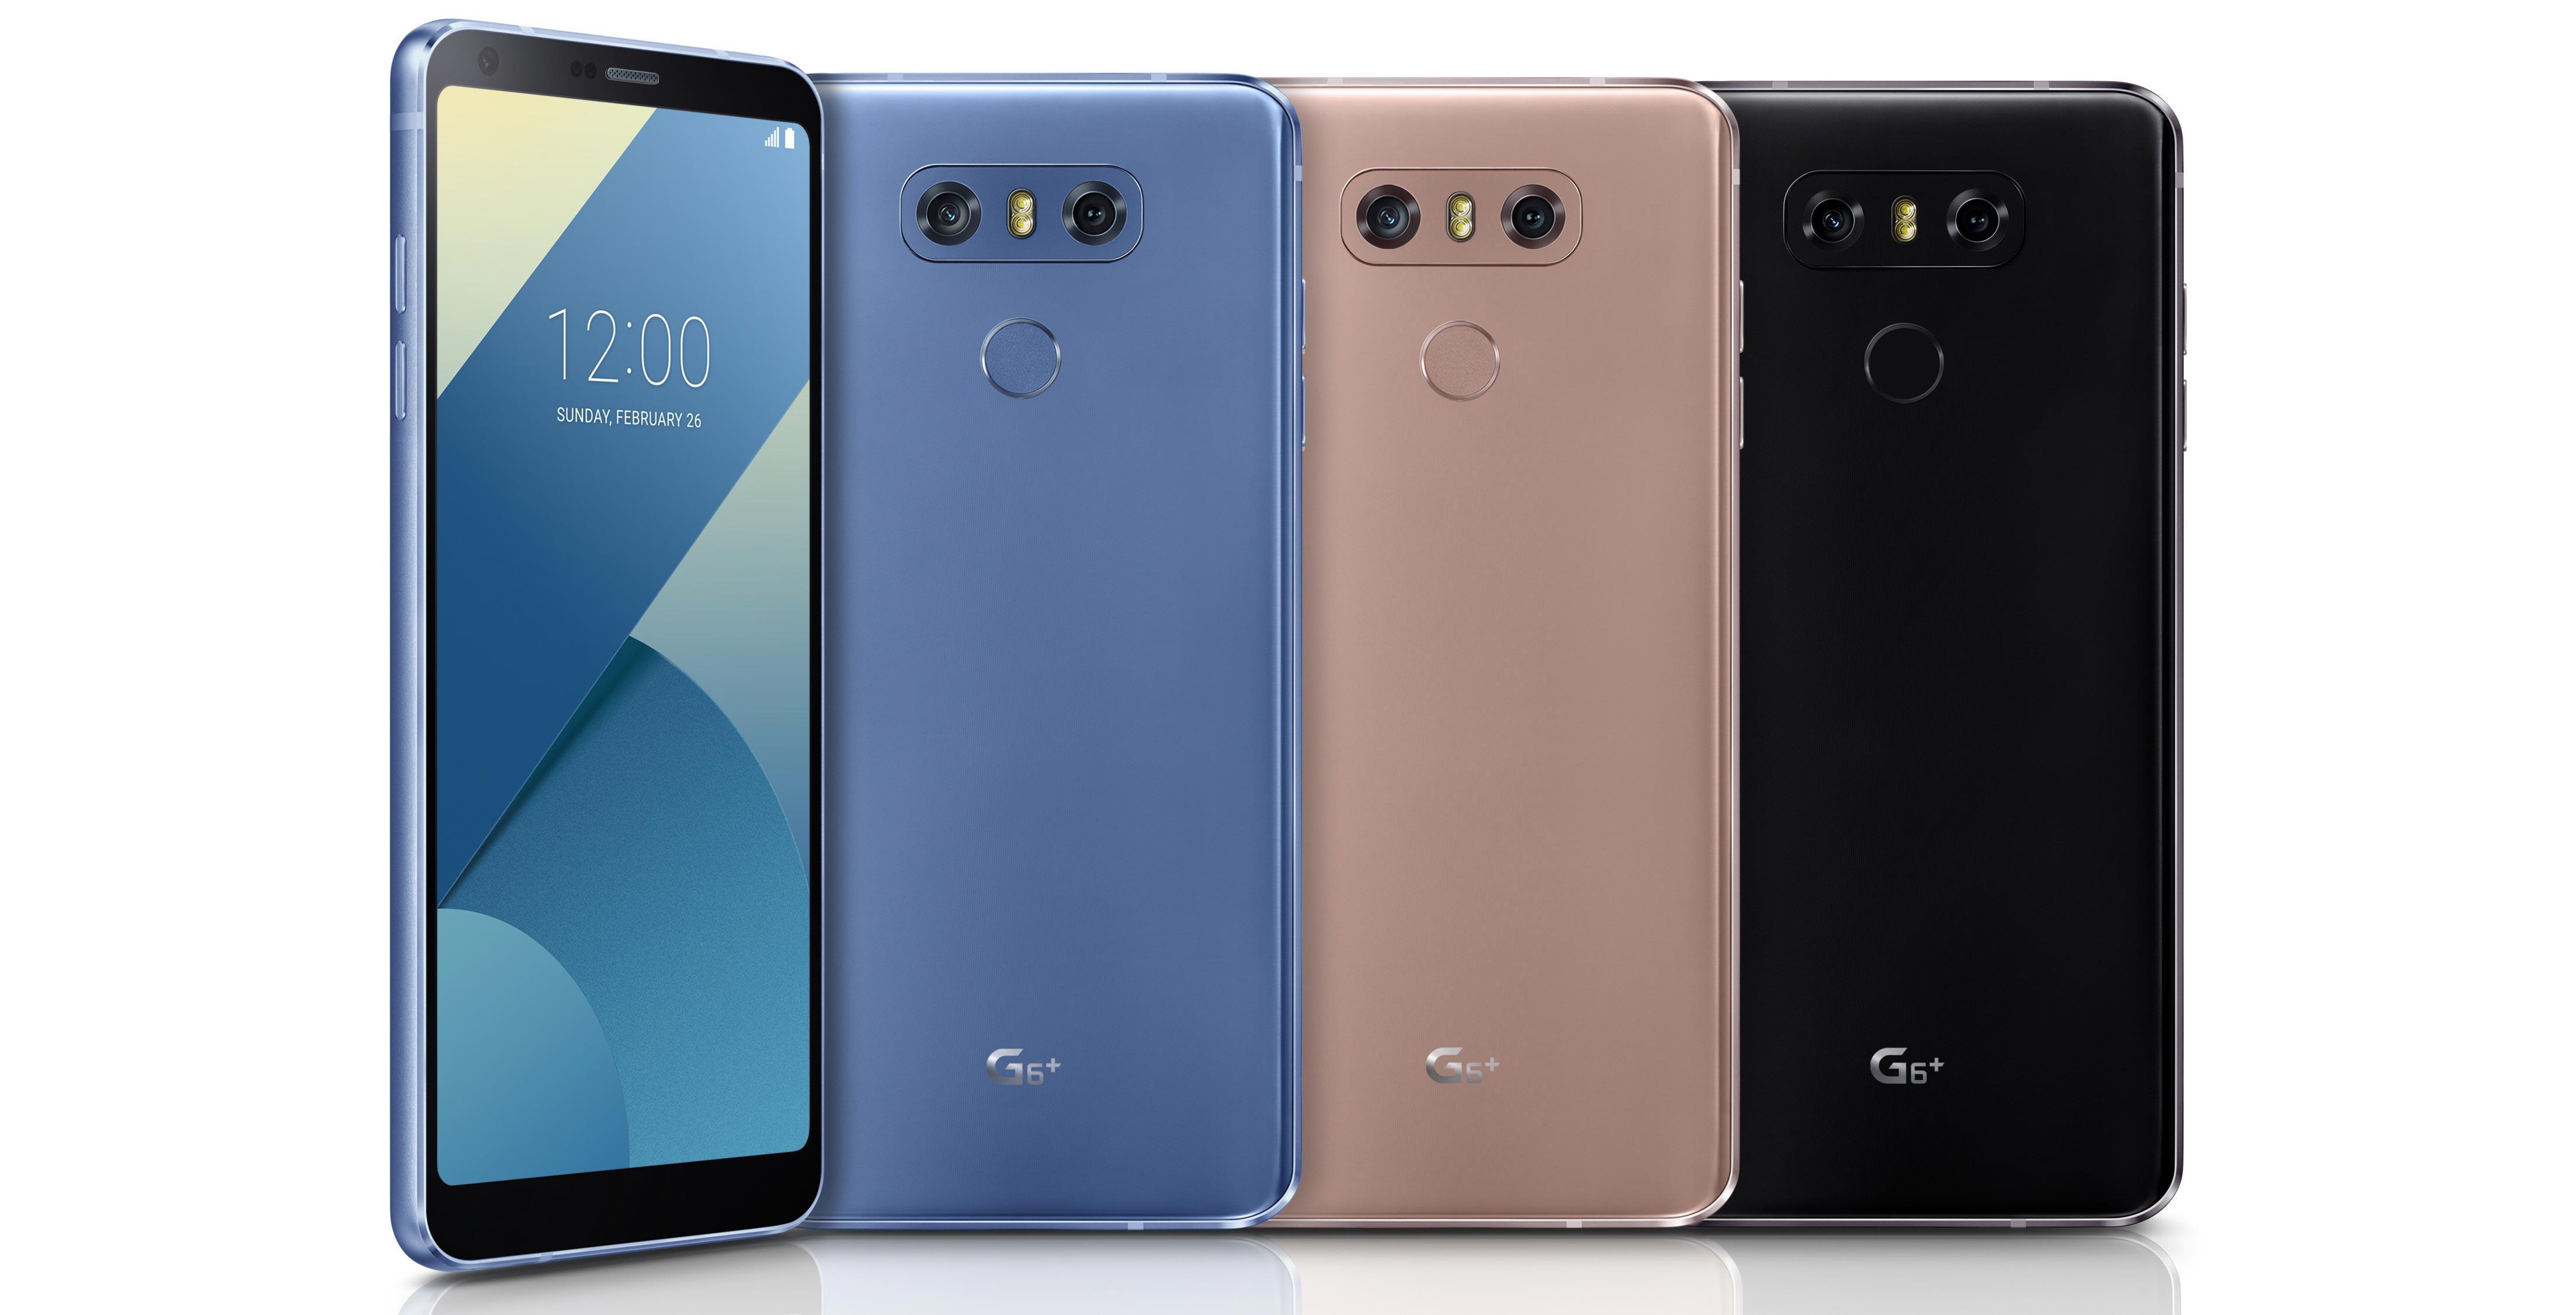 LG G6 Plus models